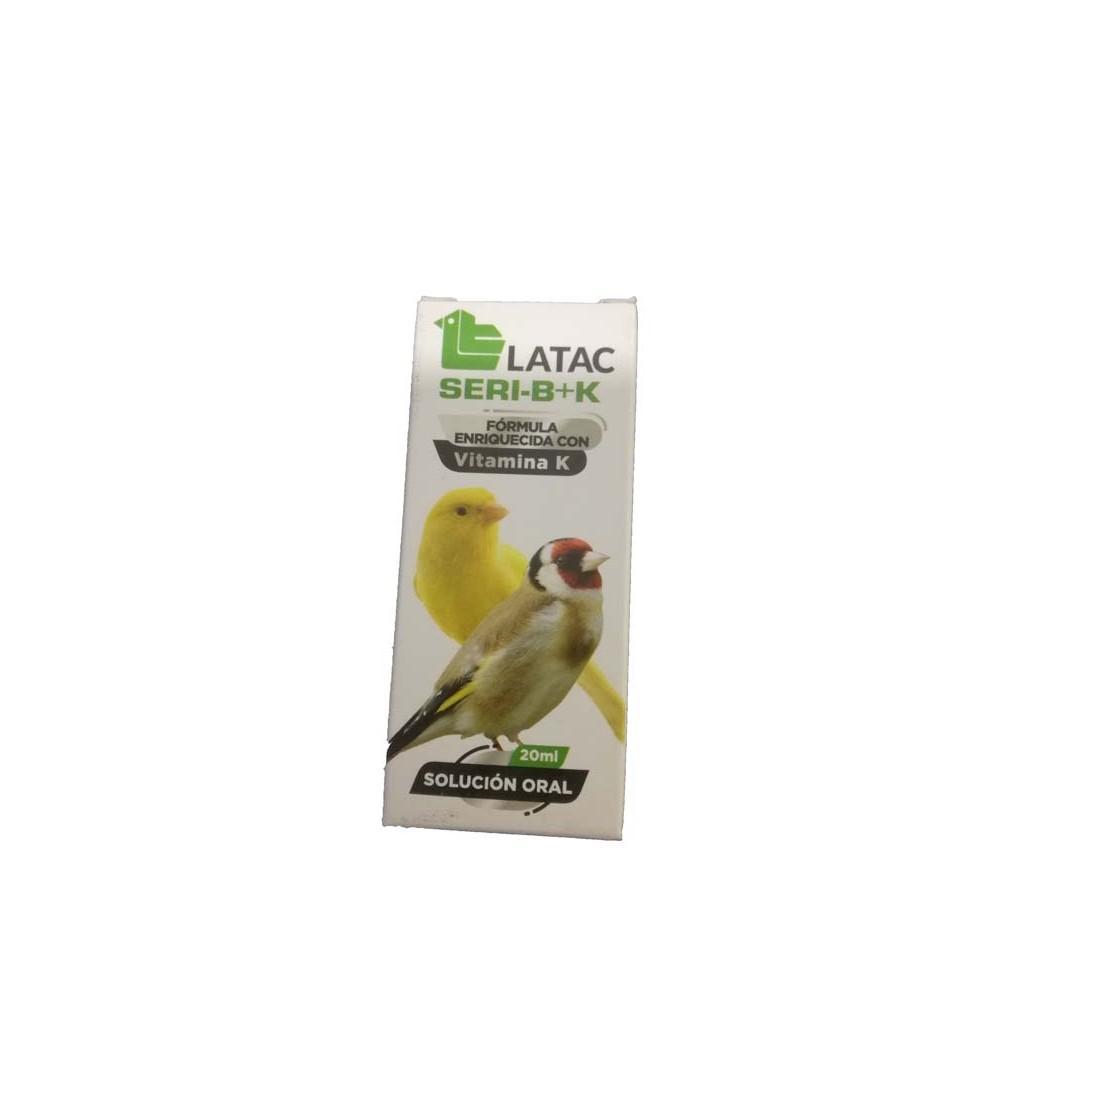 Latac SERI-B+K Suplemento para Pájaros 60ml